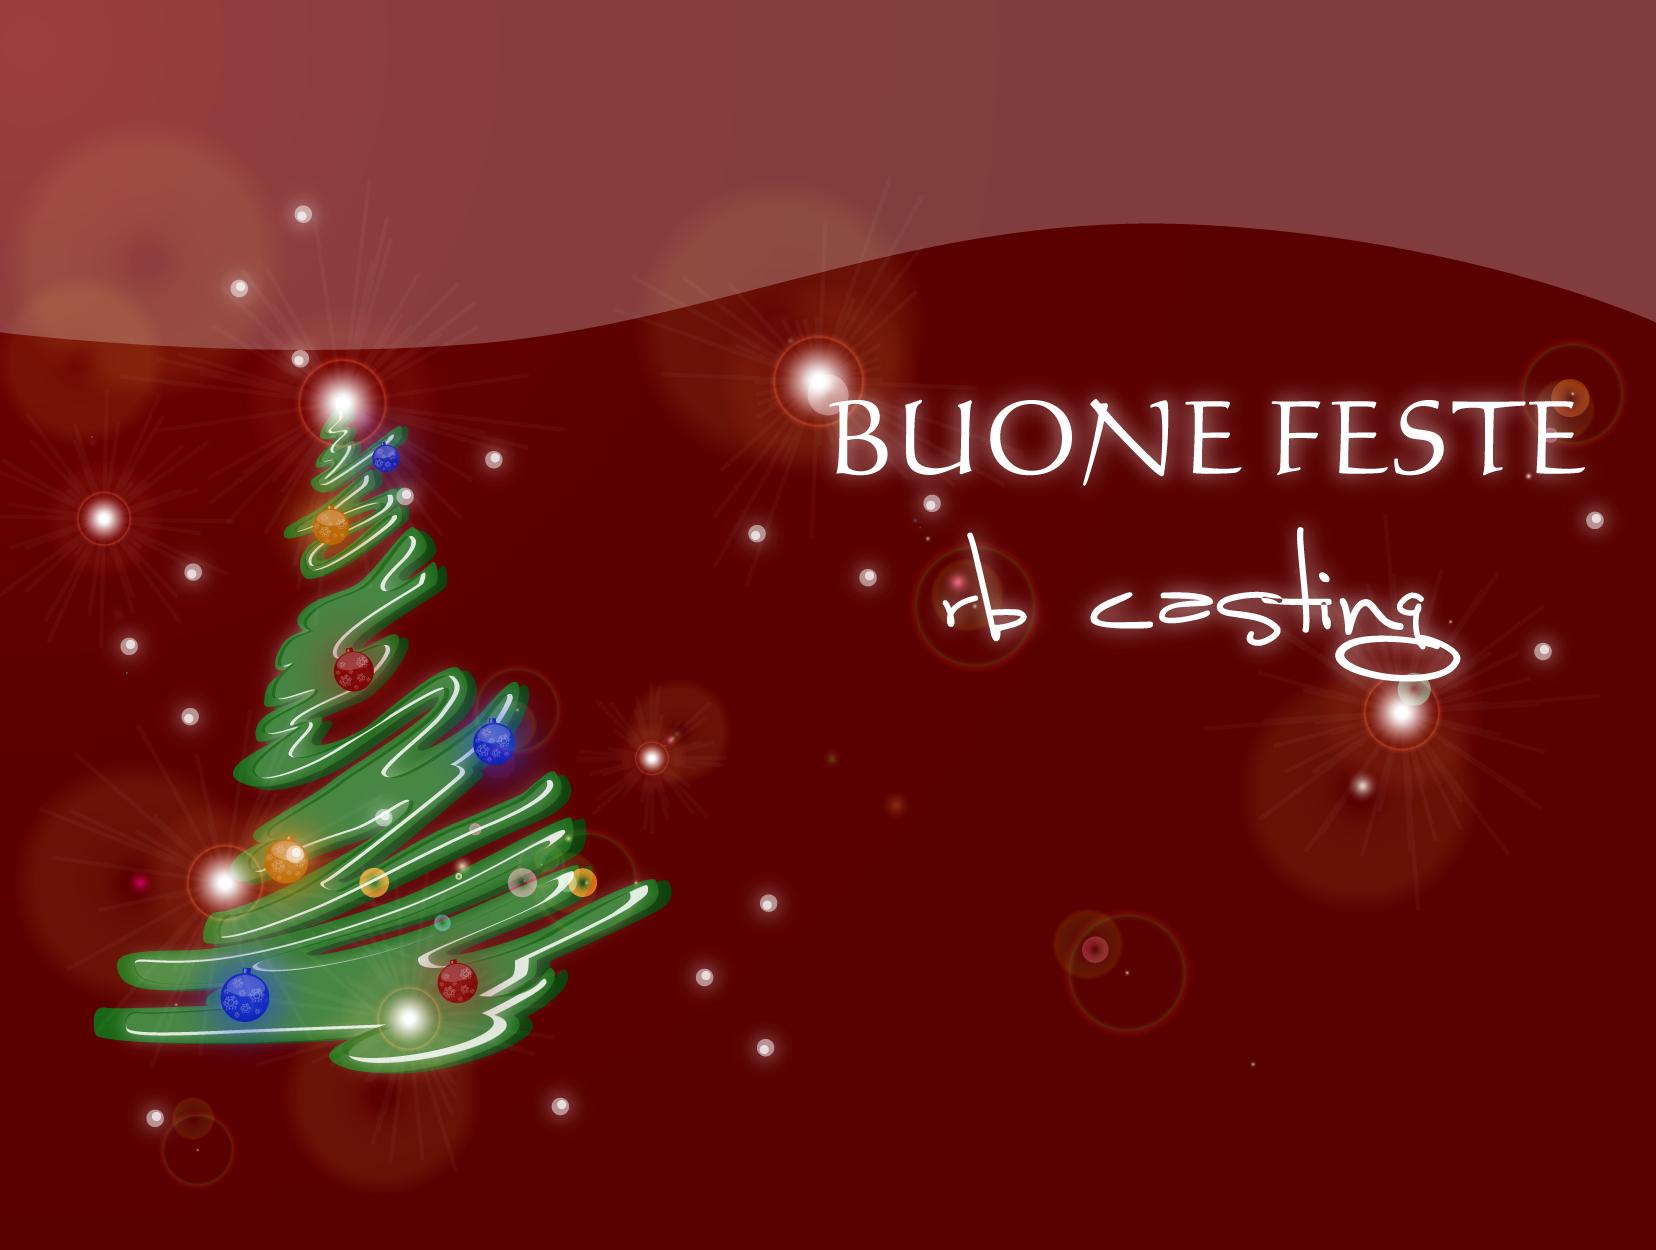 Immagini Feste Di Natale.435363 Buone Feste Rb Casting Albero Di Natale Firmato Rb